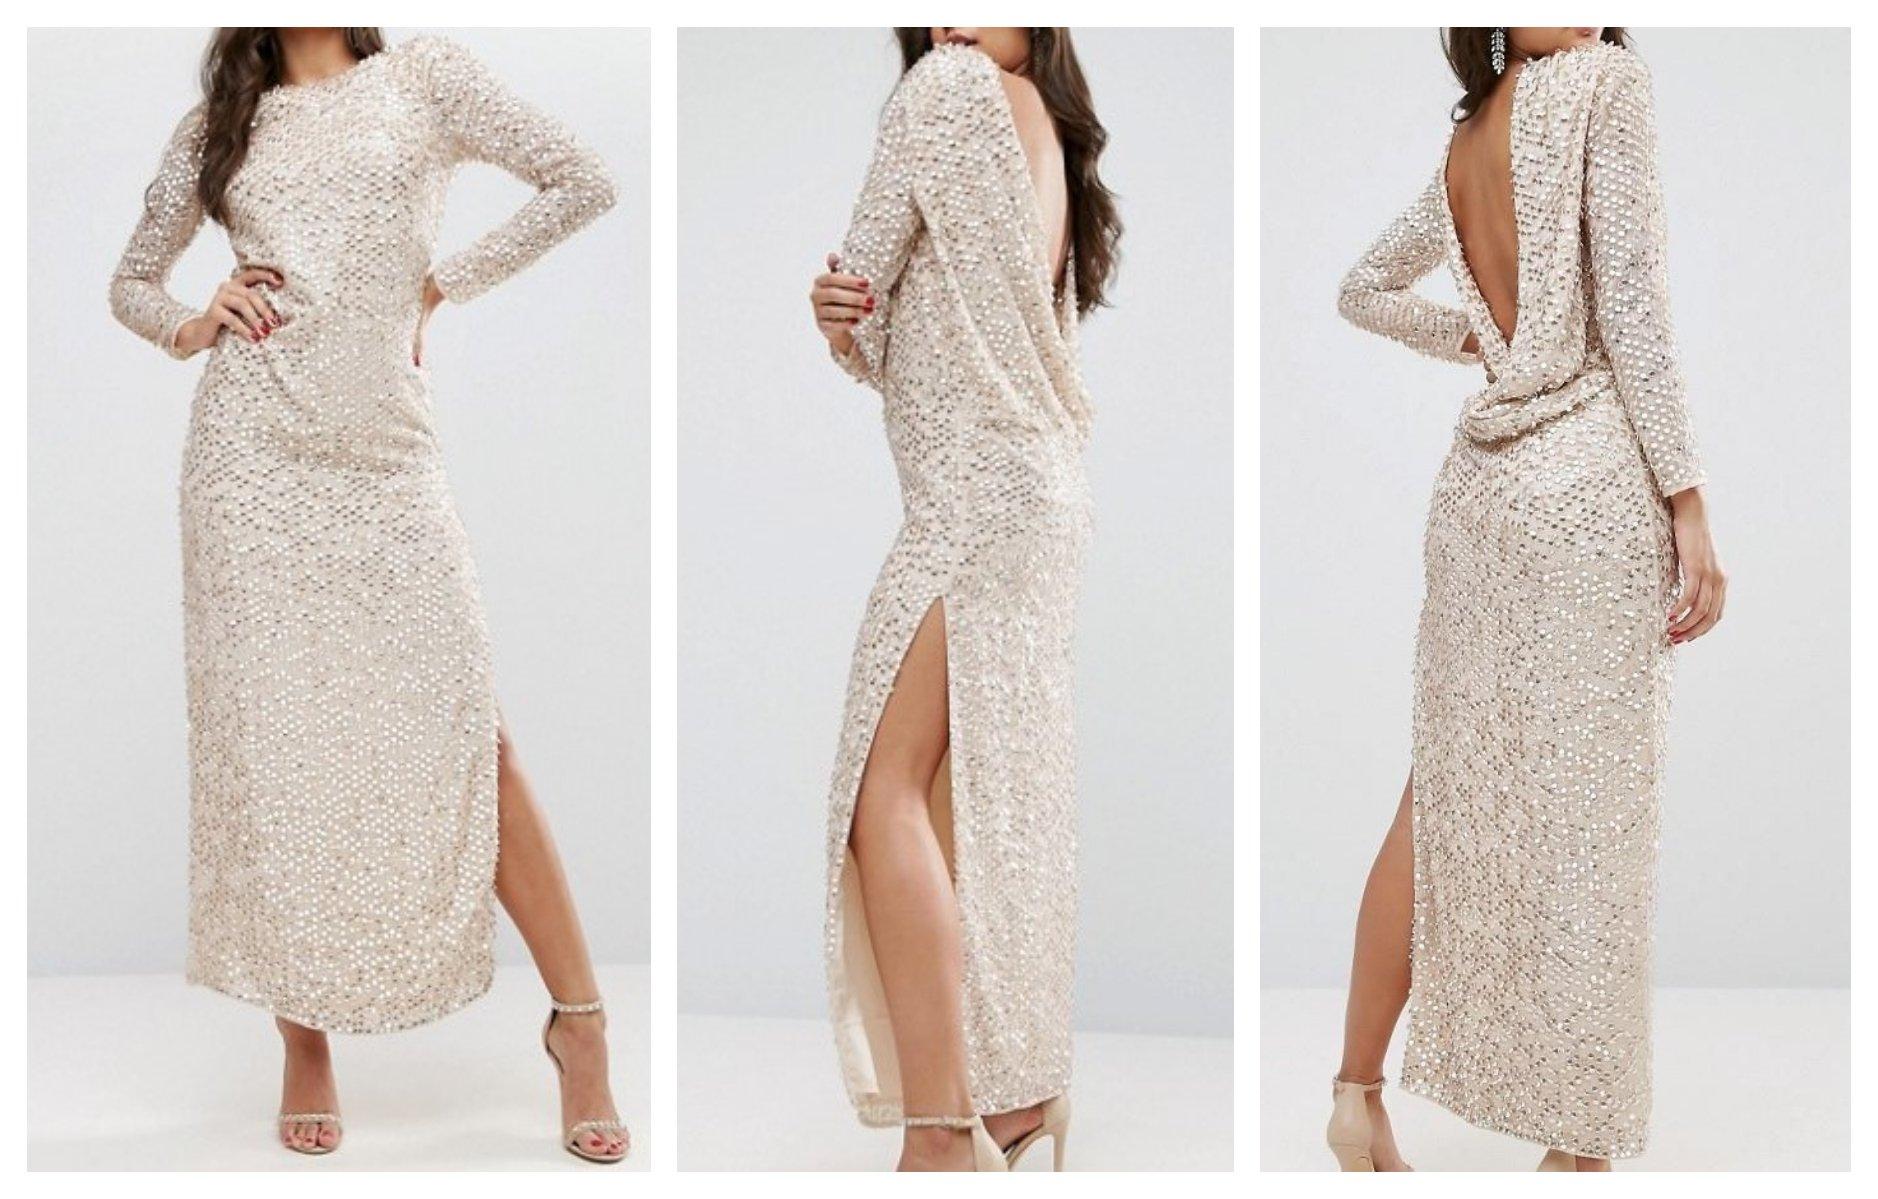 Ex90 Sukienka Cekiny Długa Glamour Wesele 38 M 7350278398